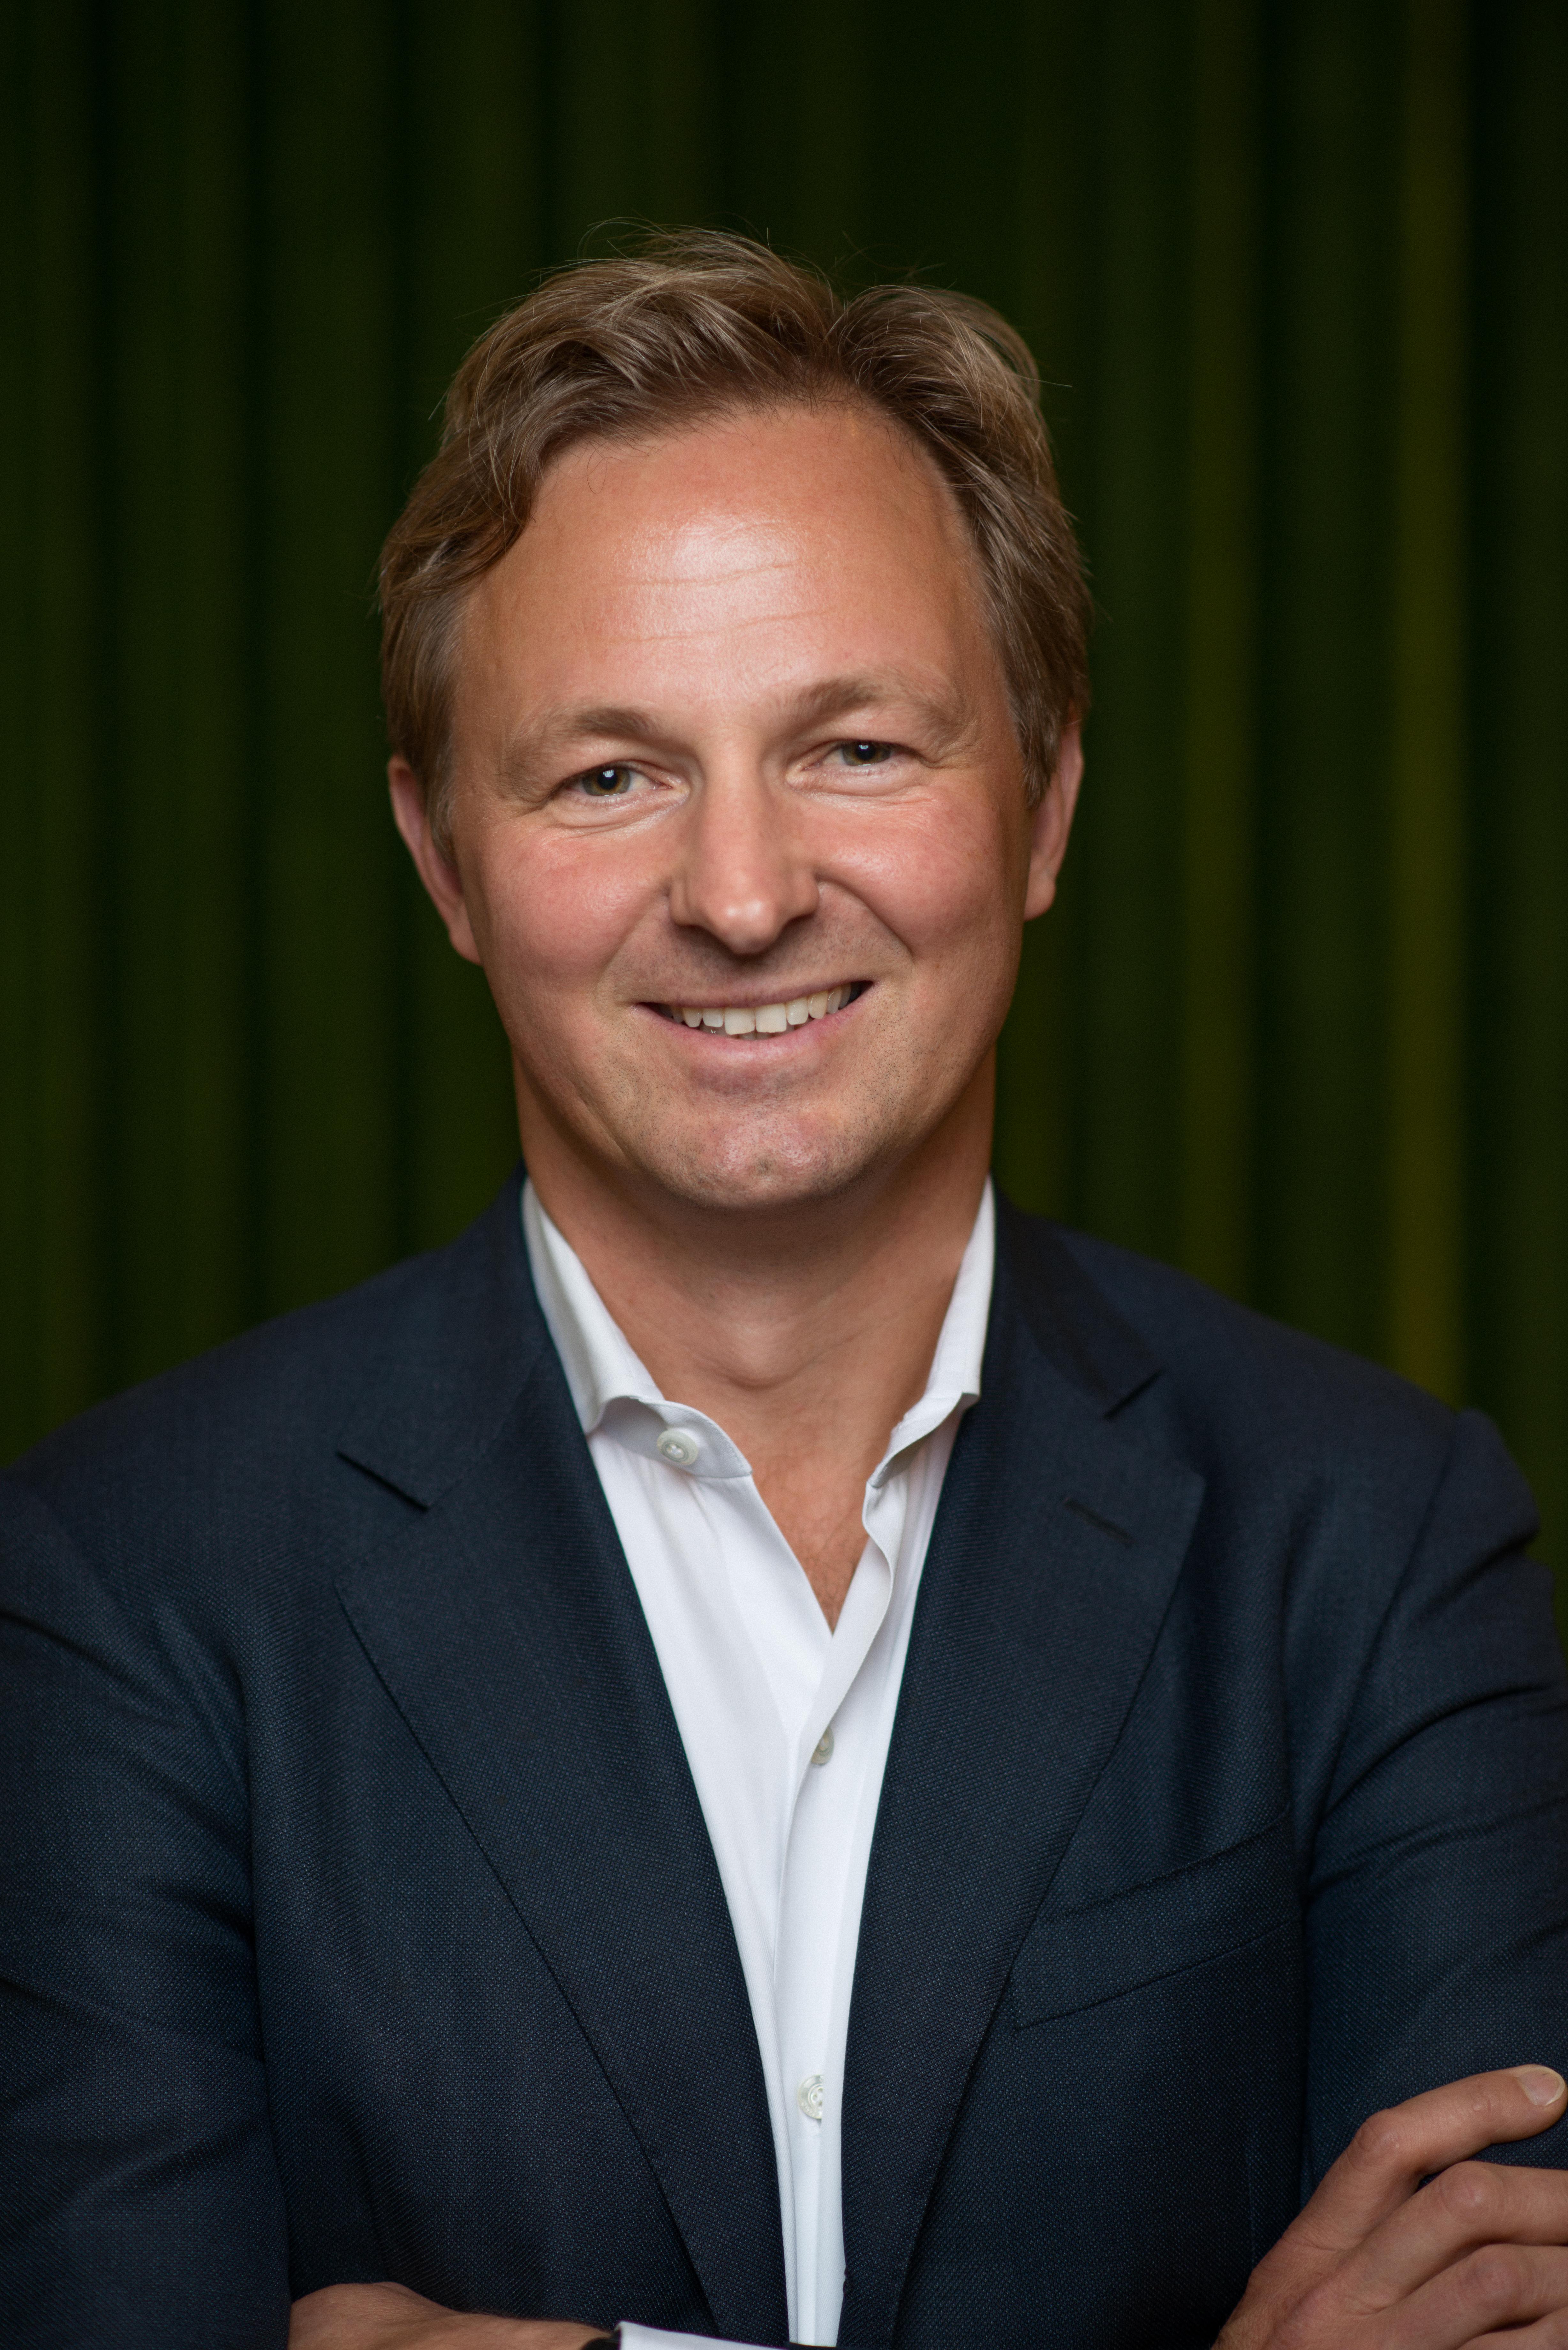 Johan Öberg